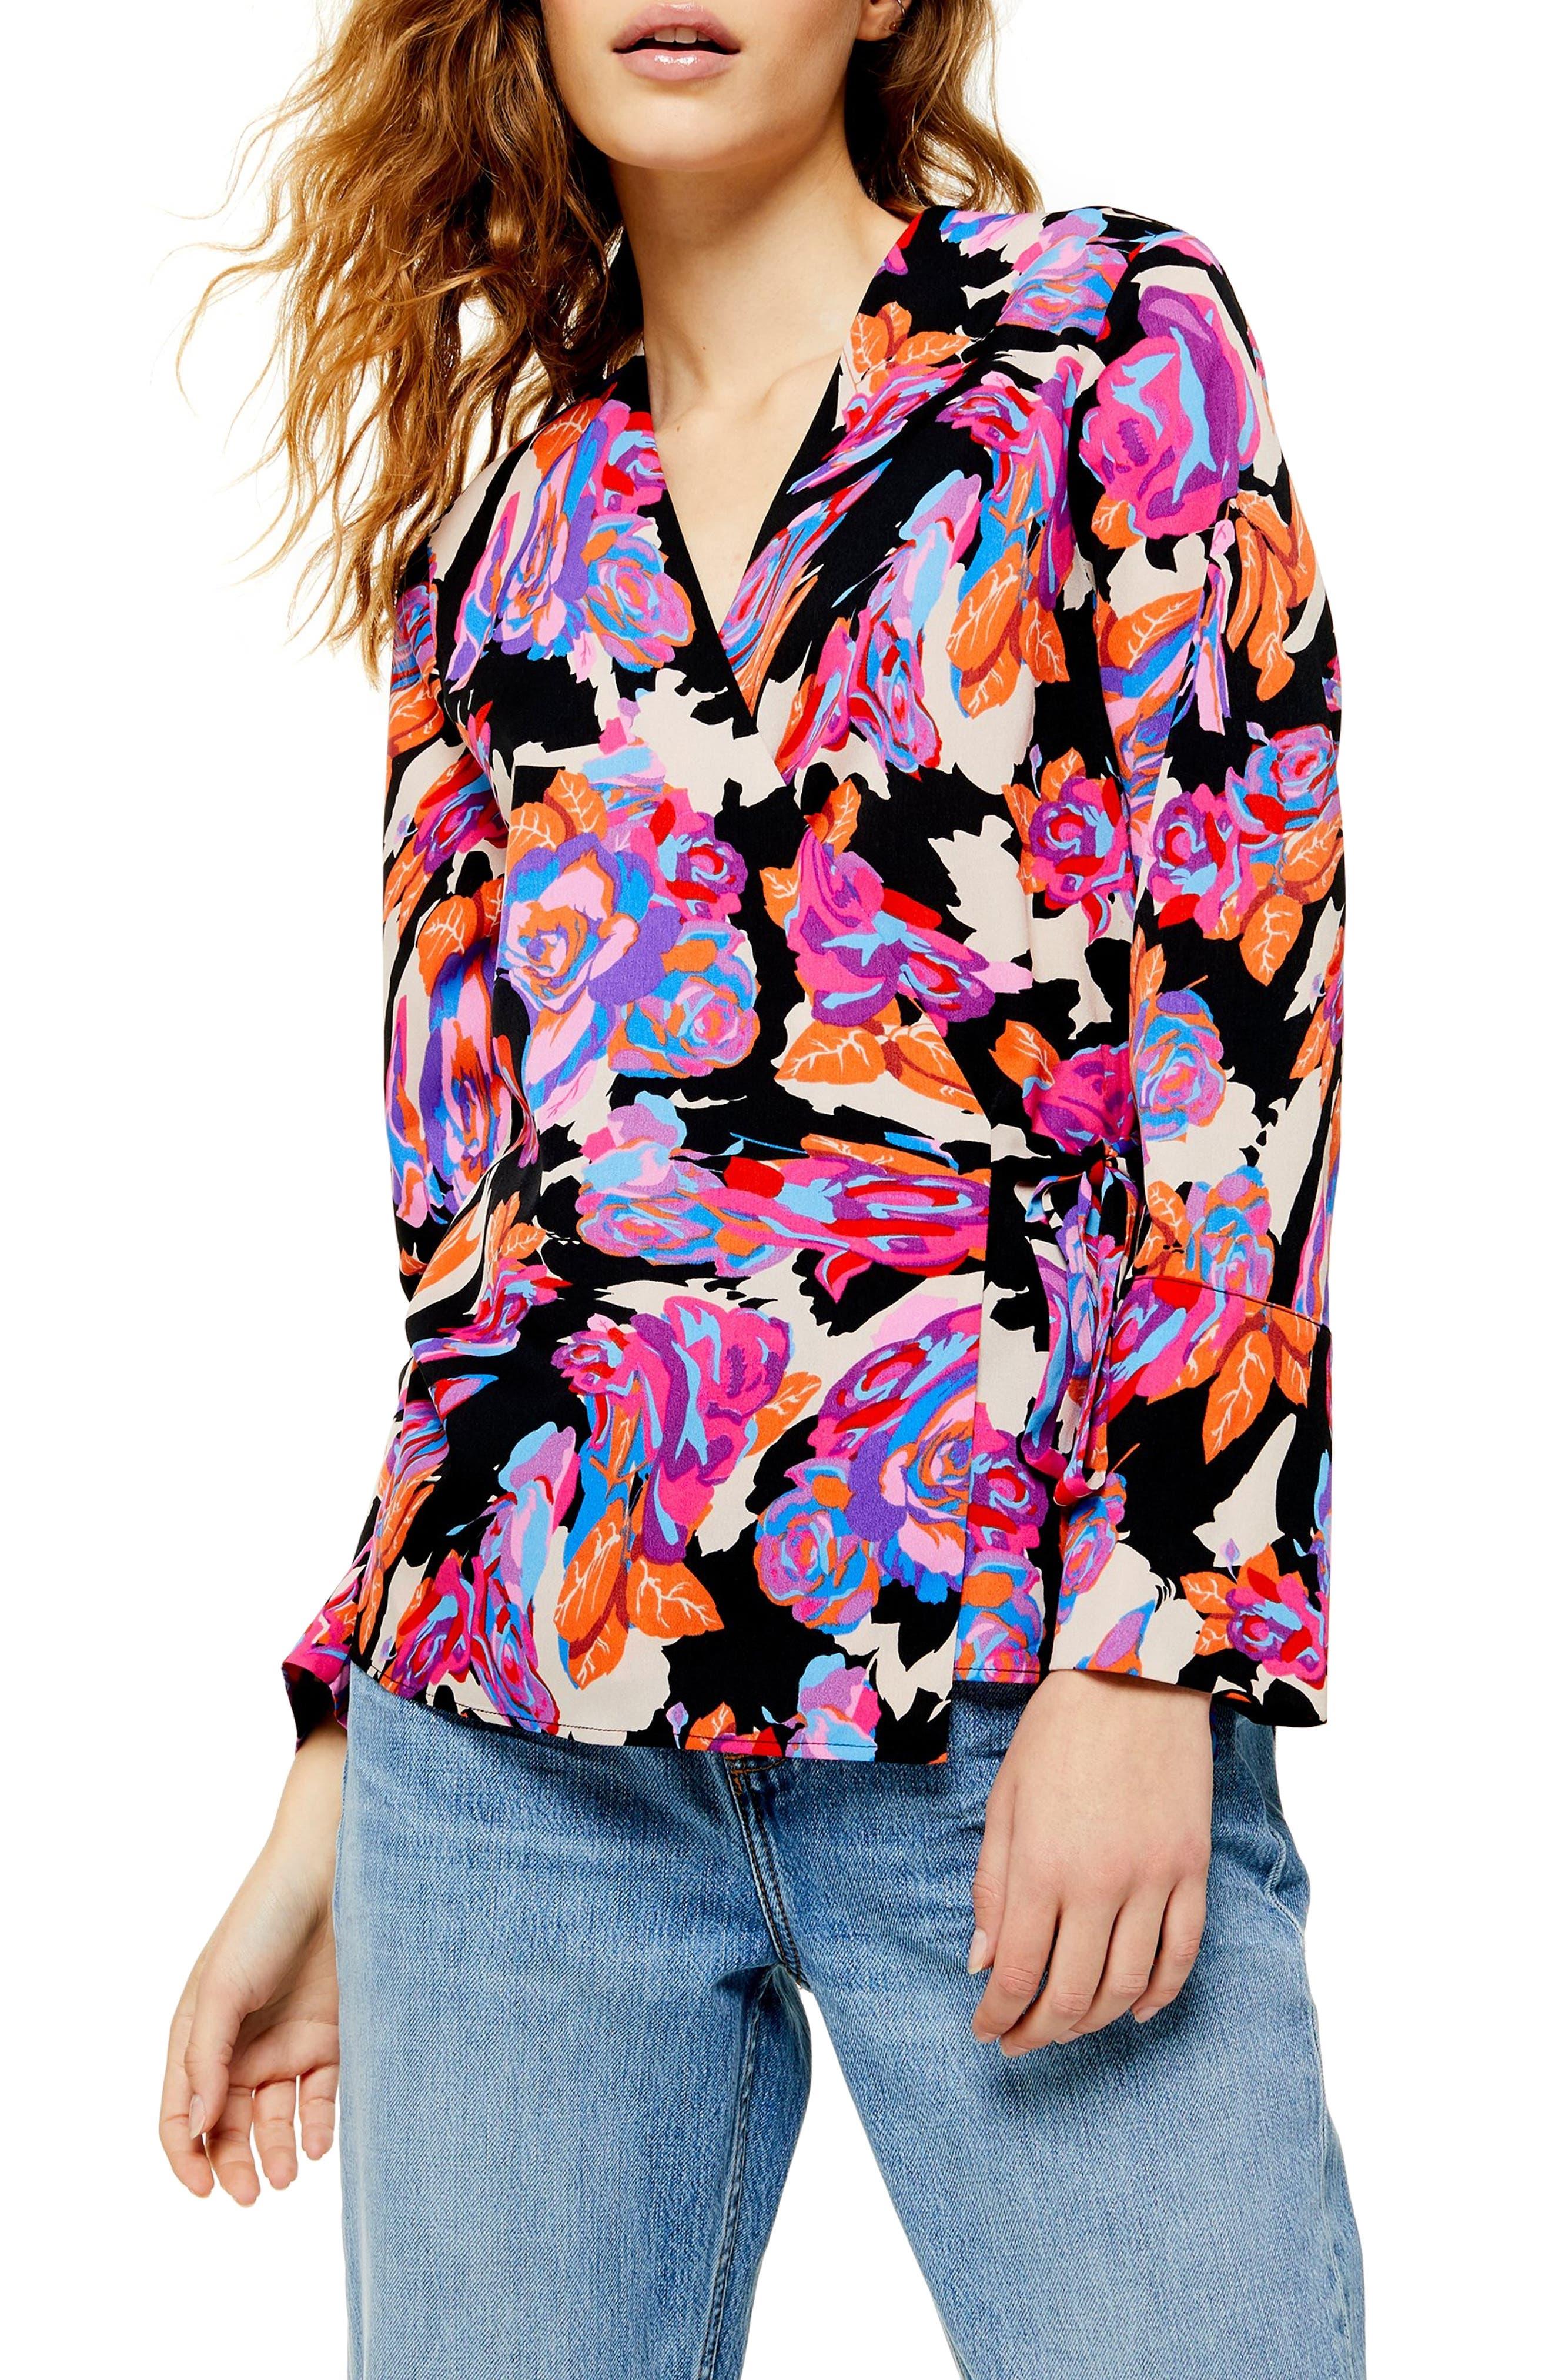 Women's 70s Shirts, Blouses, Hippie Tops Womens Topshop Floral Tie Wrap Blouse $29.99 AT vintagedancer.com